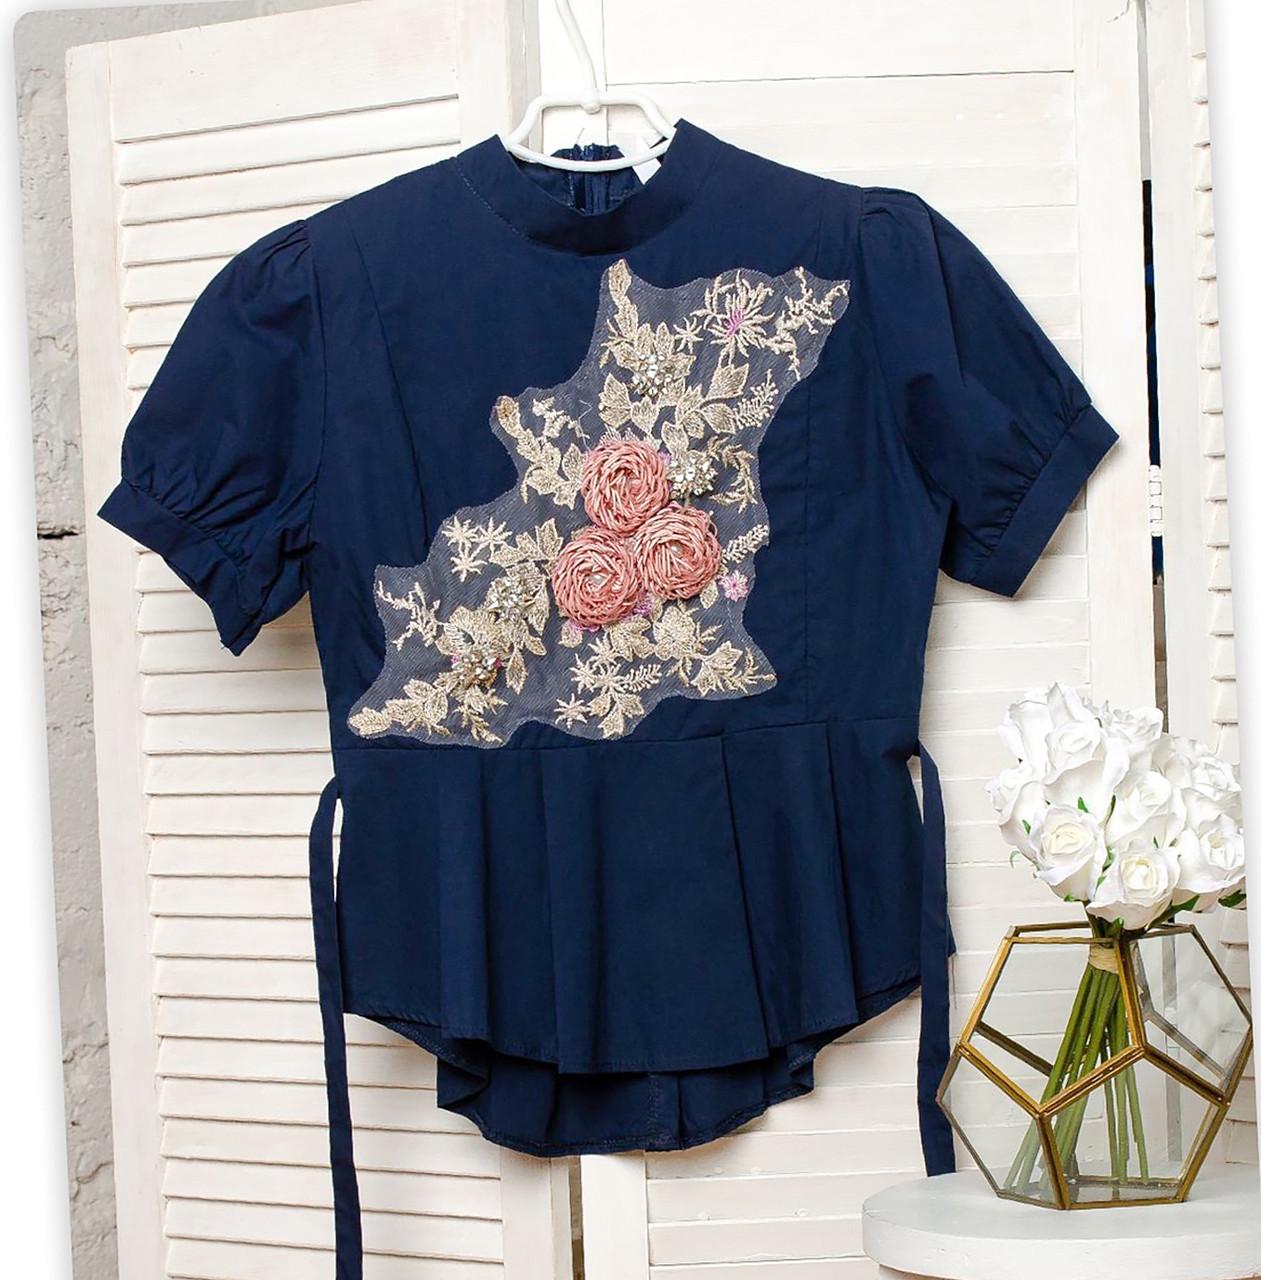 Молодежная рубашка с цветочной аппликацией 42-44 (в расцветках)